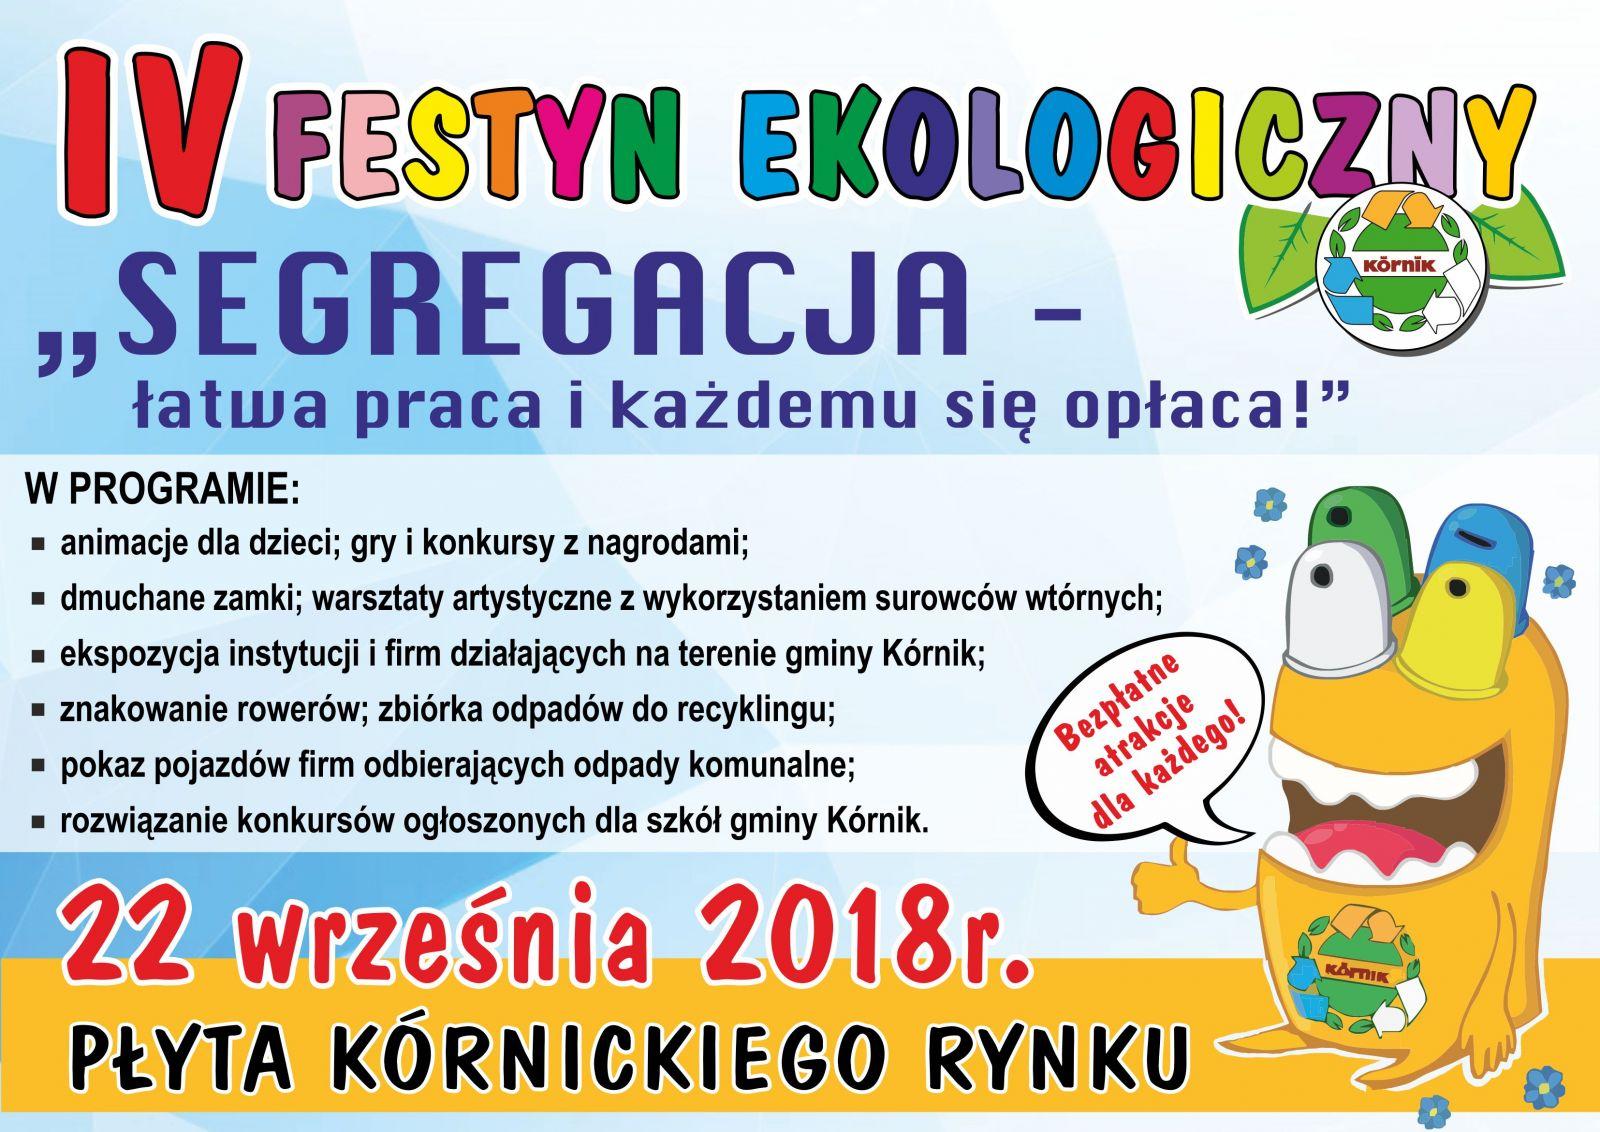 Festyn Ekologiczny w Kórniku